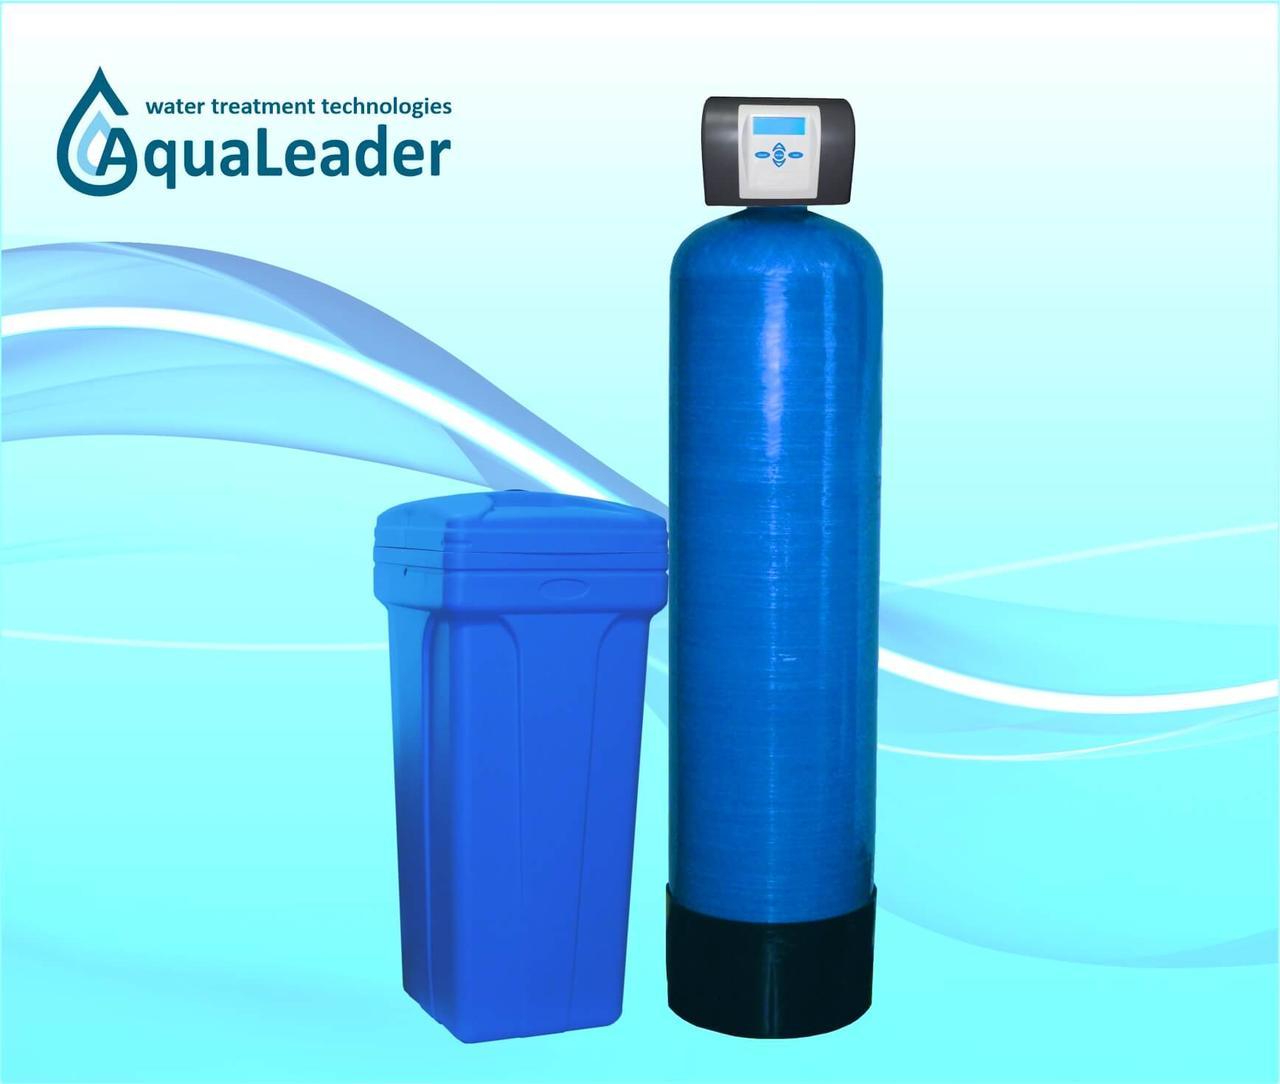 Фильтр для удаления солей жесткости из воды - умягчитель FS75 Premium, Clack Corporation, USA